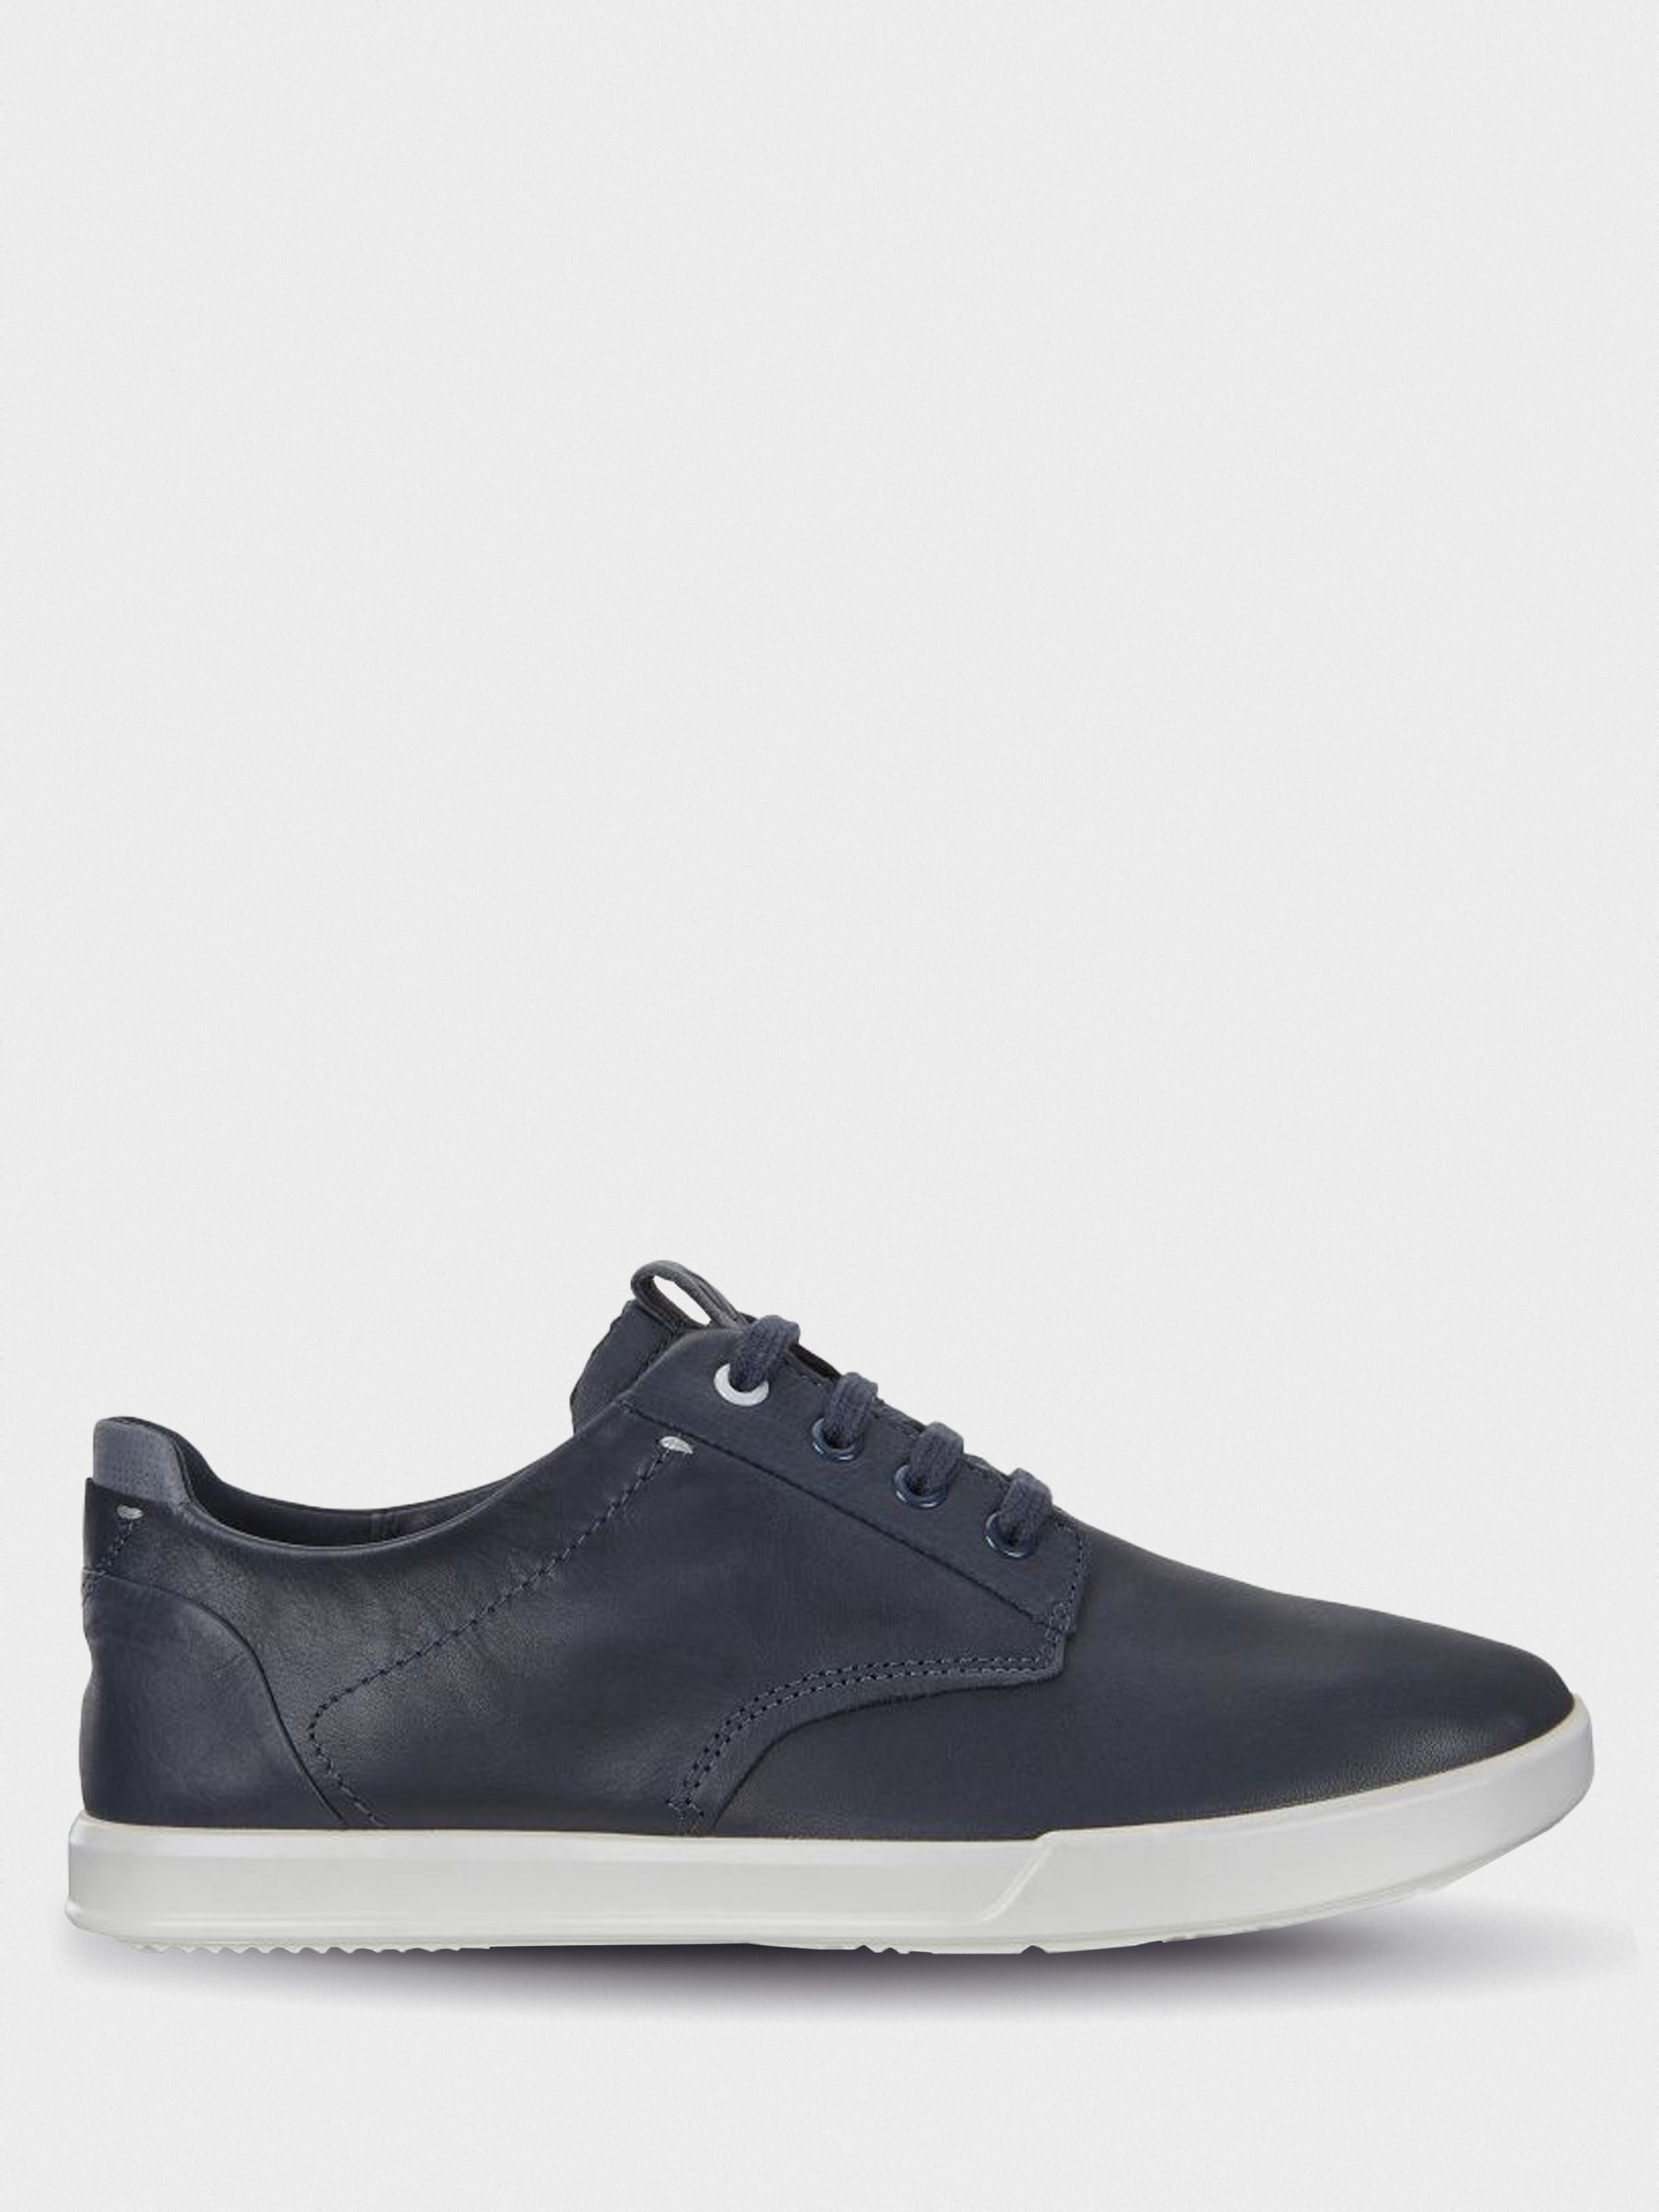 Полуботинки мужские ECCO COLLIN 2.0 ZM4134 размеры обуви, 2017